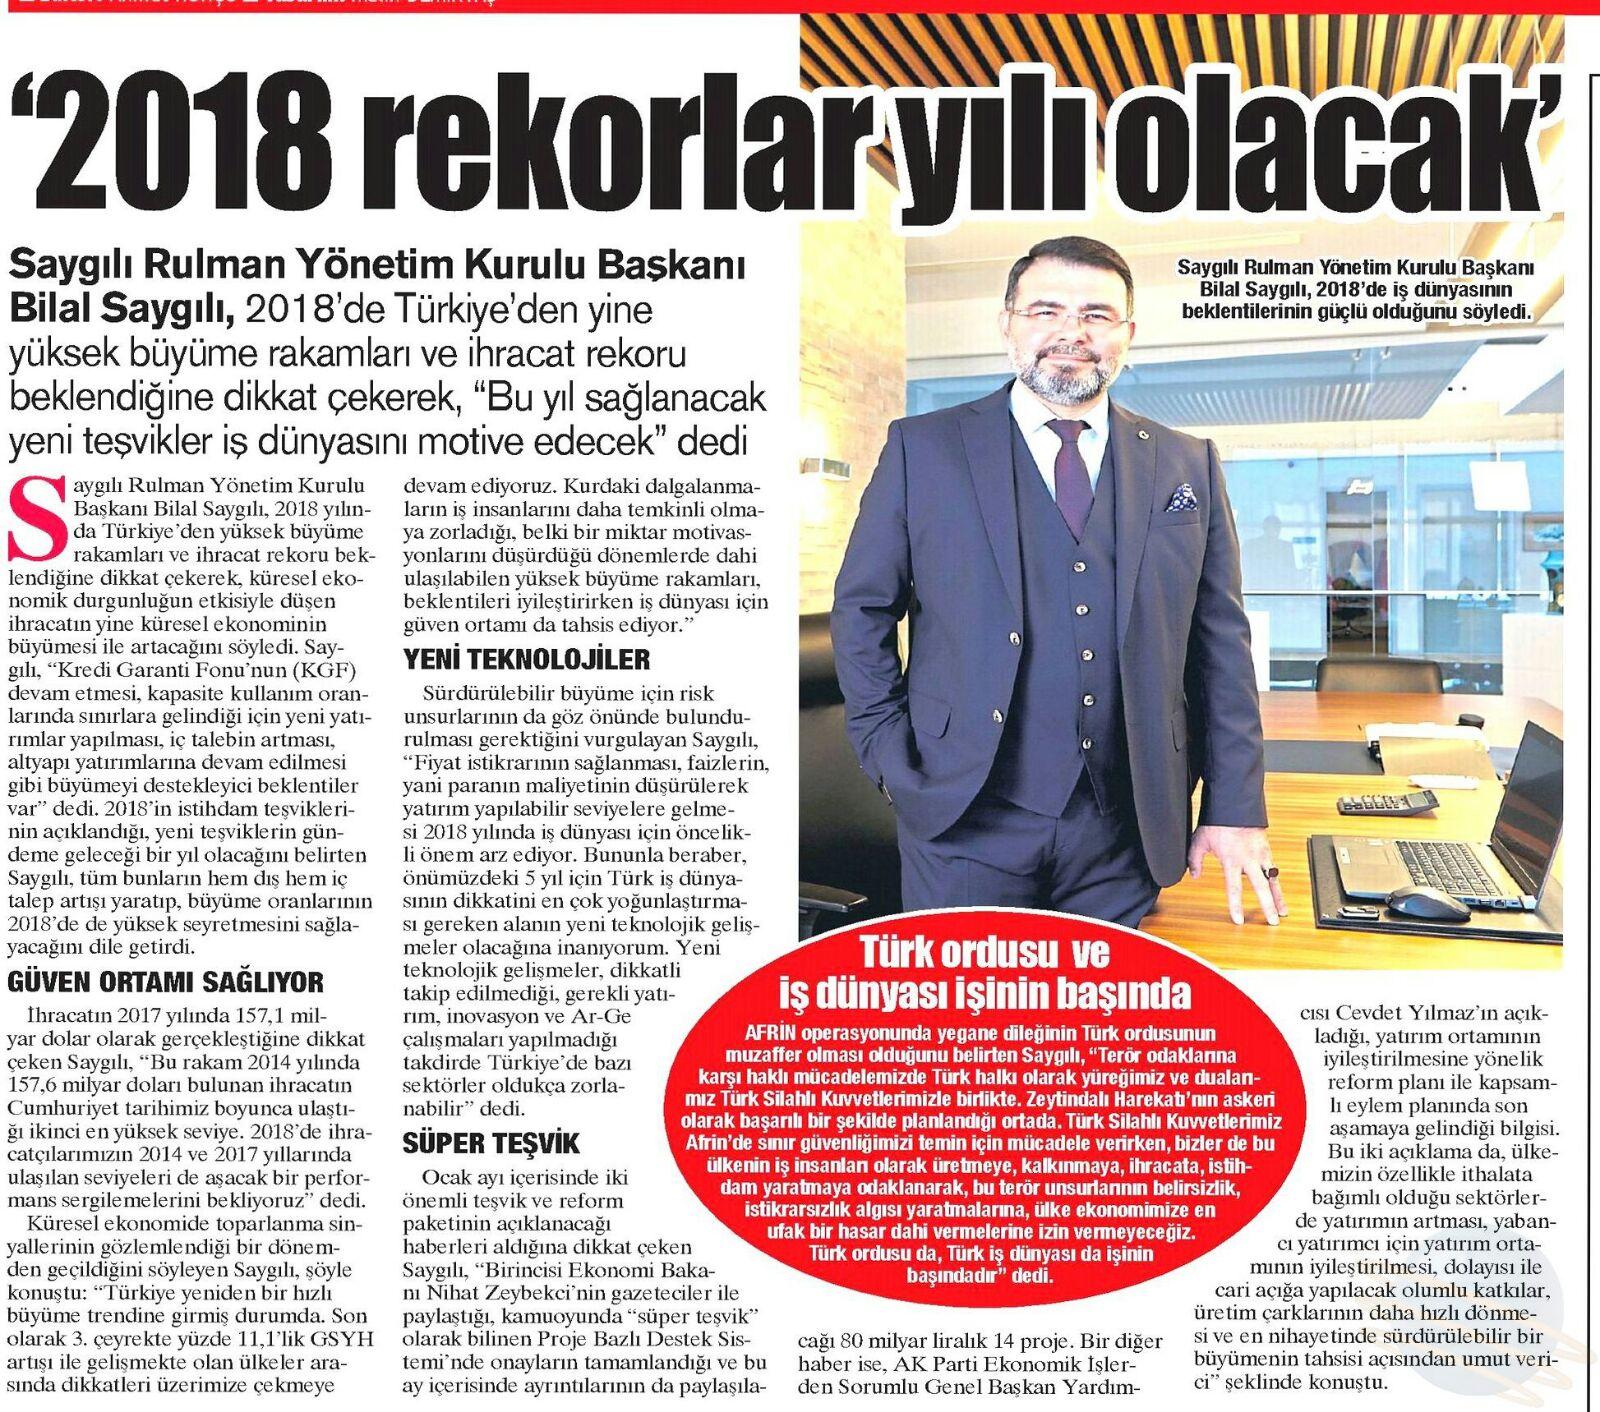 2018 REKORLAR YILI OLACAK